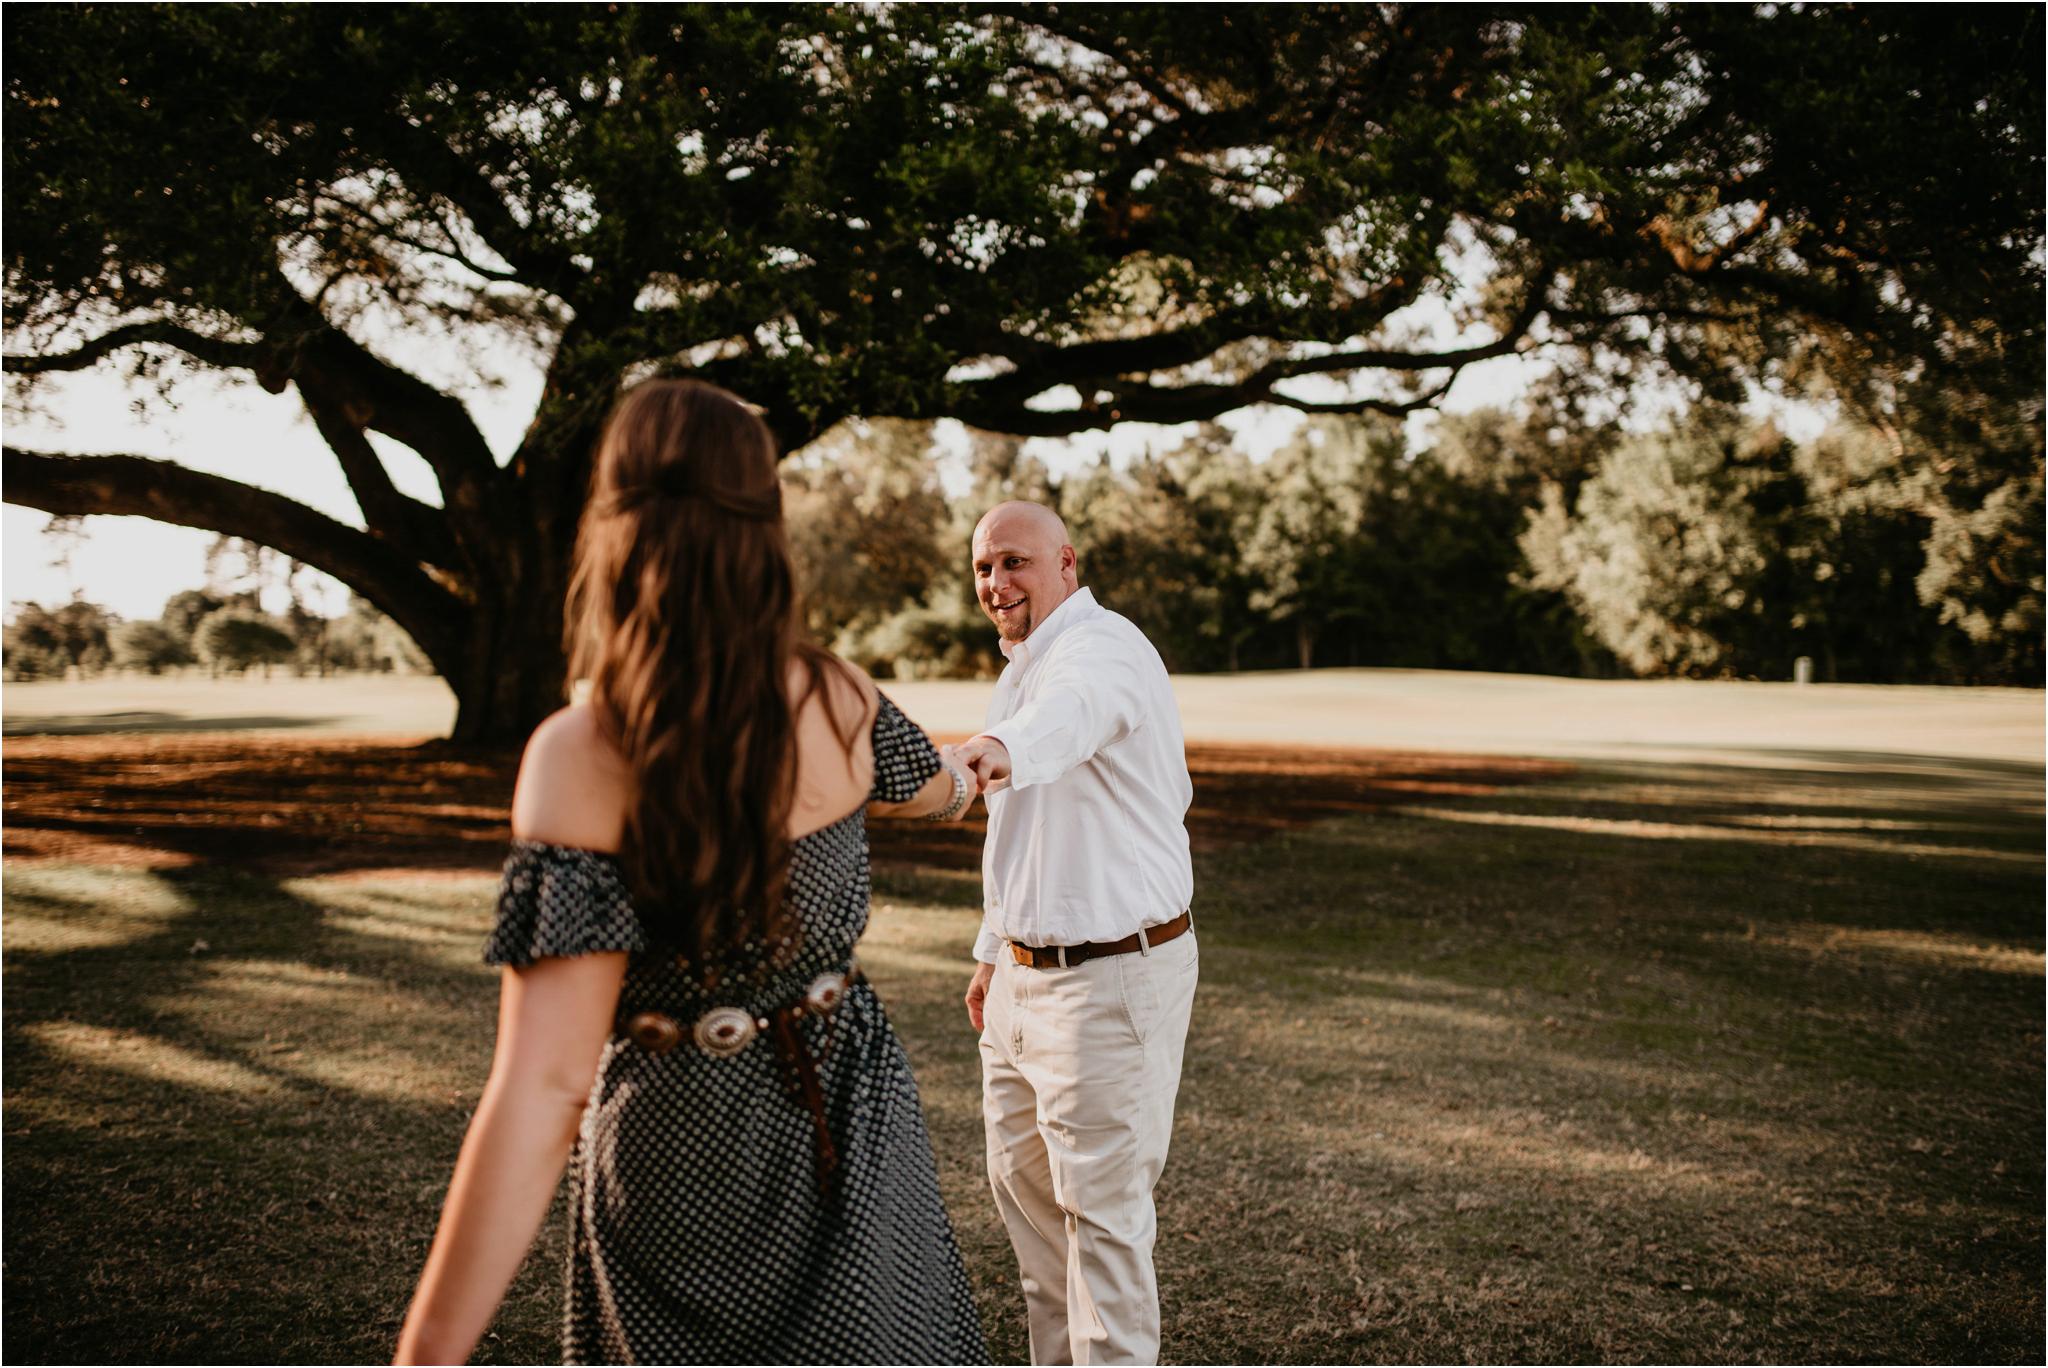 katie-and-eric-houston-oaks-engagement-session-houston-wedding-photographer-014.jpg